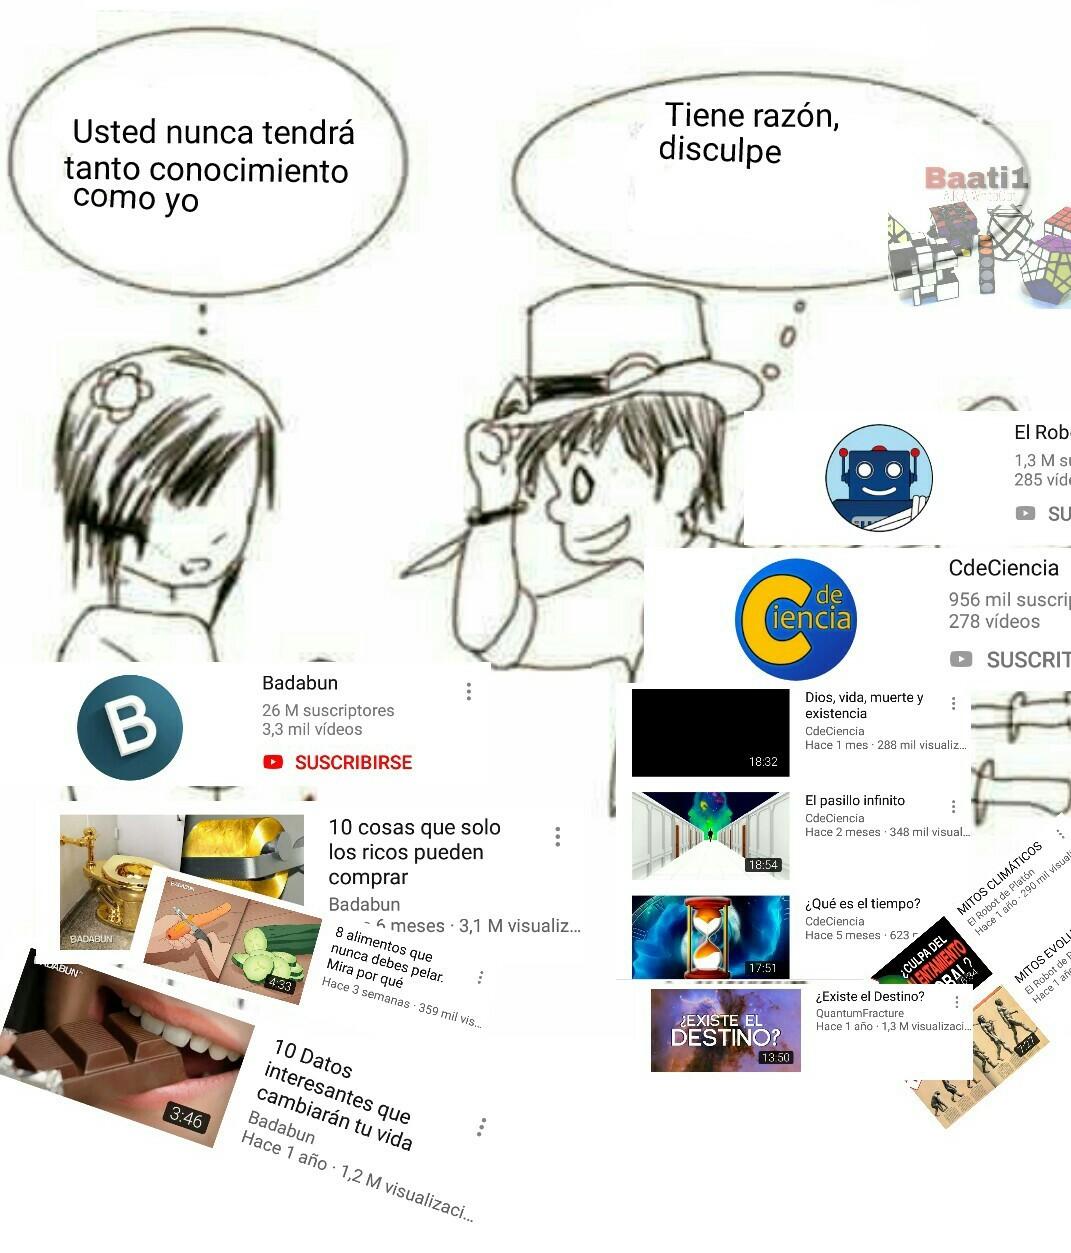 Contenido informativo de youtube - meme